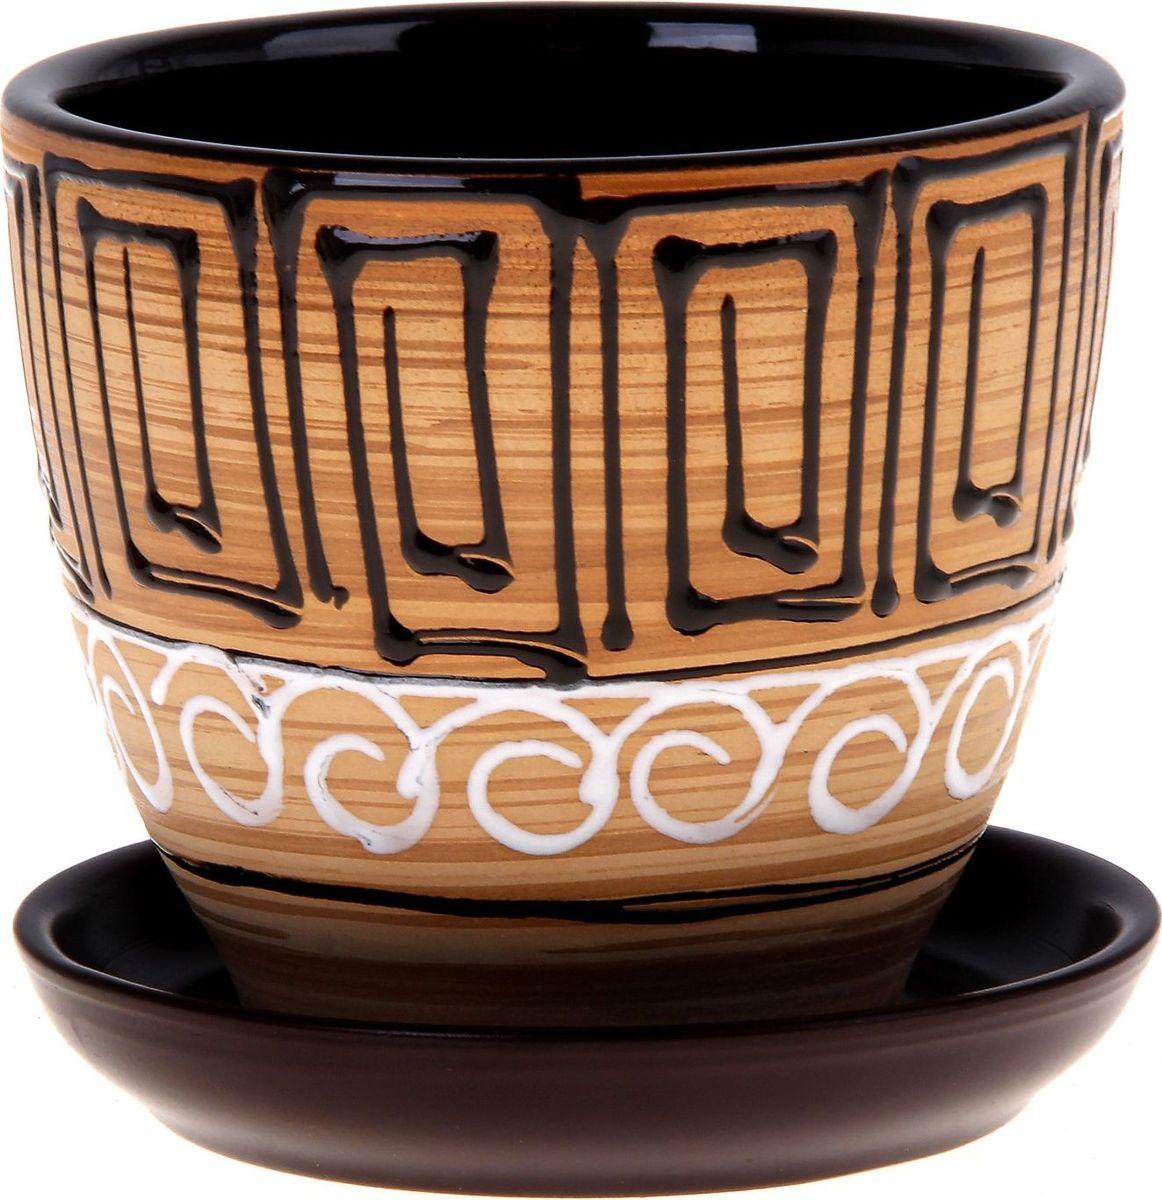 Кашпо Египет, 1 л332450Декоративное кашпо, выполненное из высококачественной керамики, предназначено для посадки декоративных растений и станет прекрасным украшением для дома. Благодаря своему дизайну впишется в любой интерьер помещения.